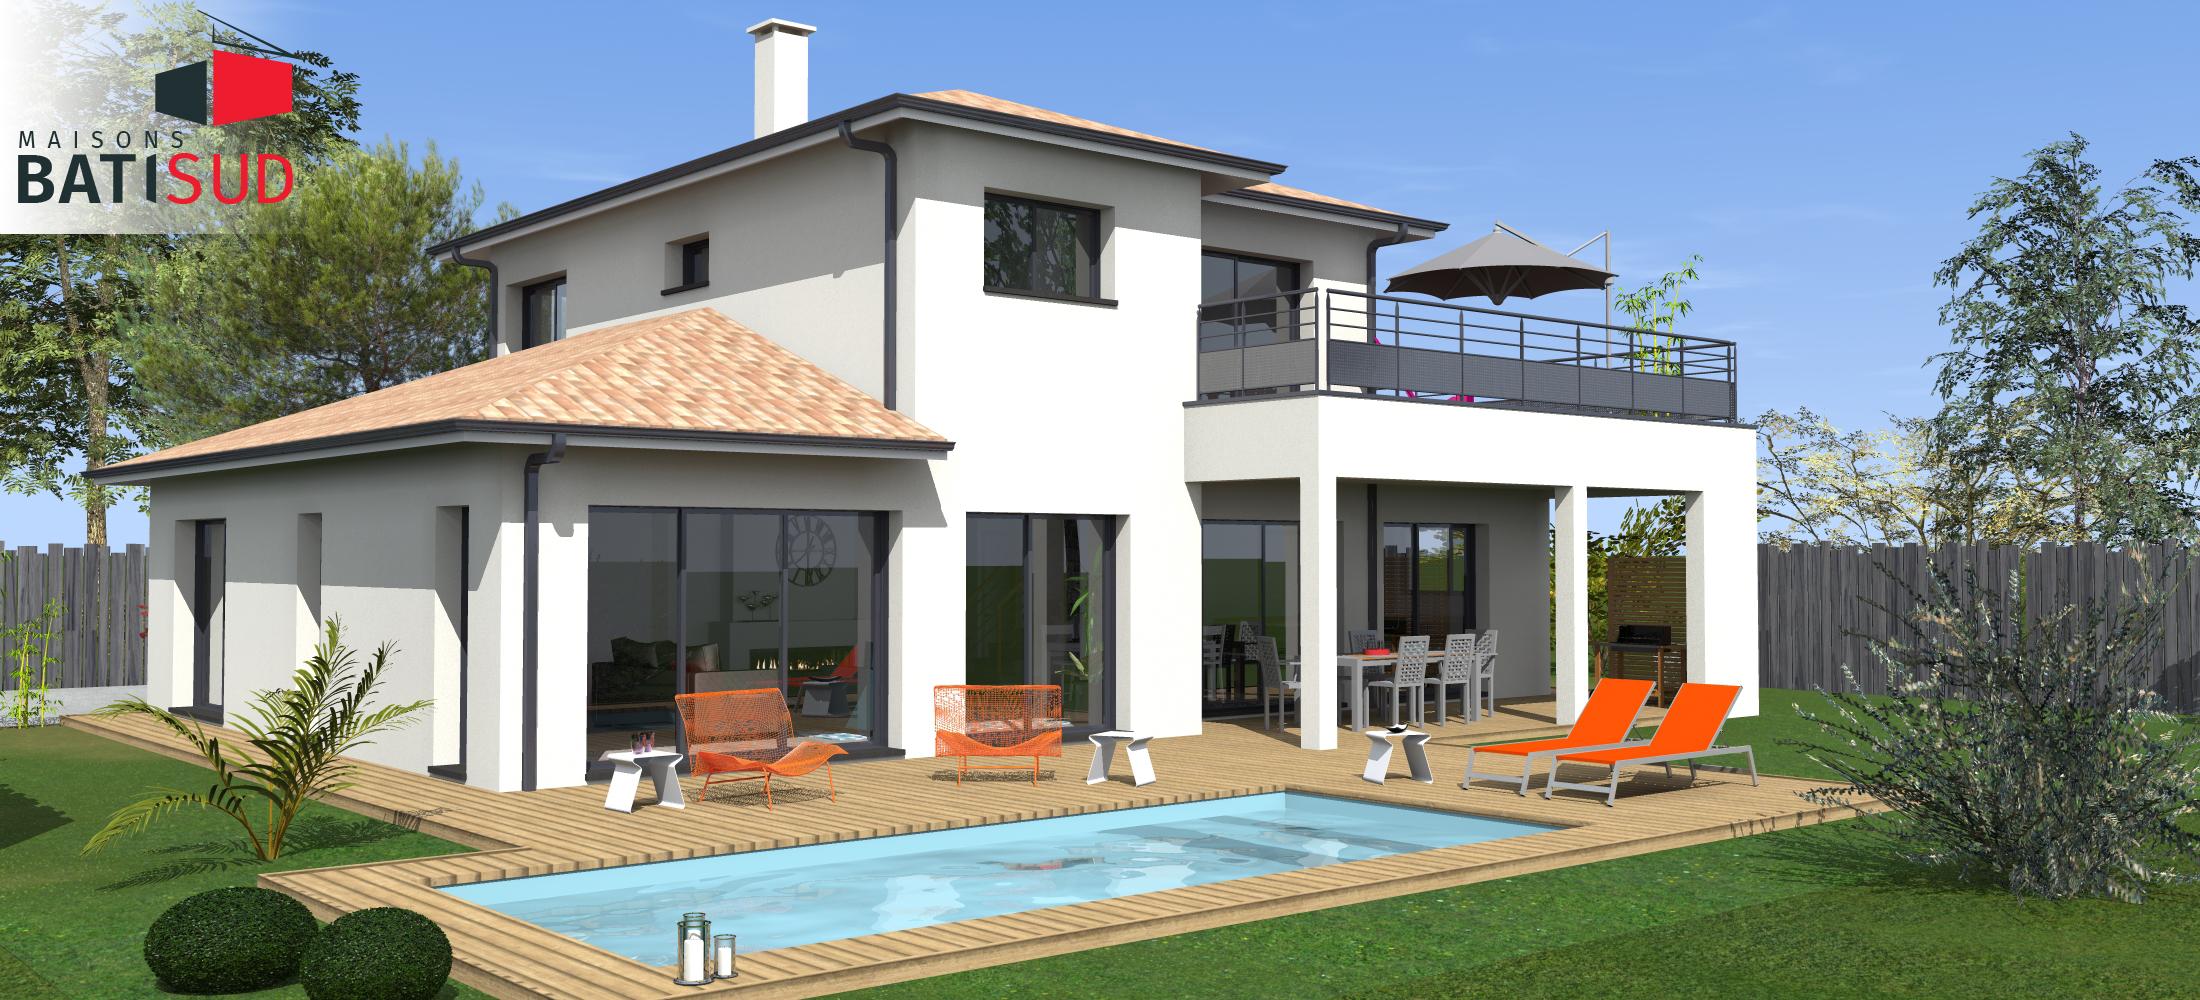 Maisons Bâti Sud : Nouvelle maison contemporaine à La-Teste-de-Buch